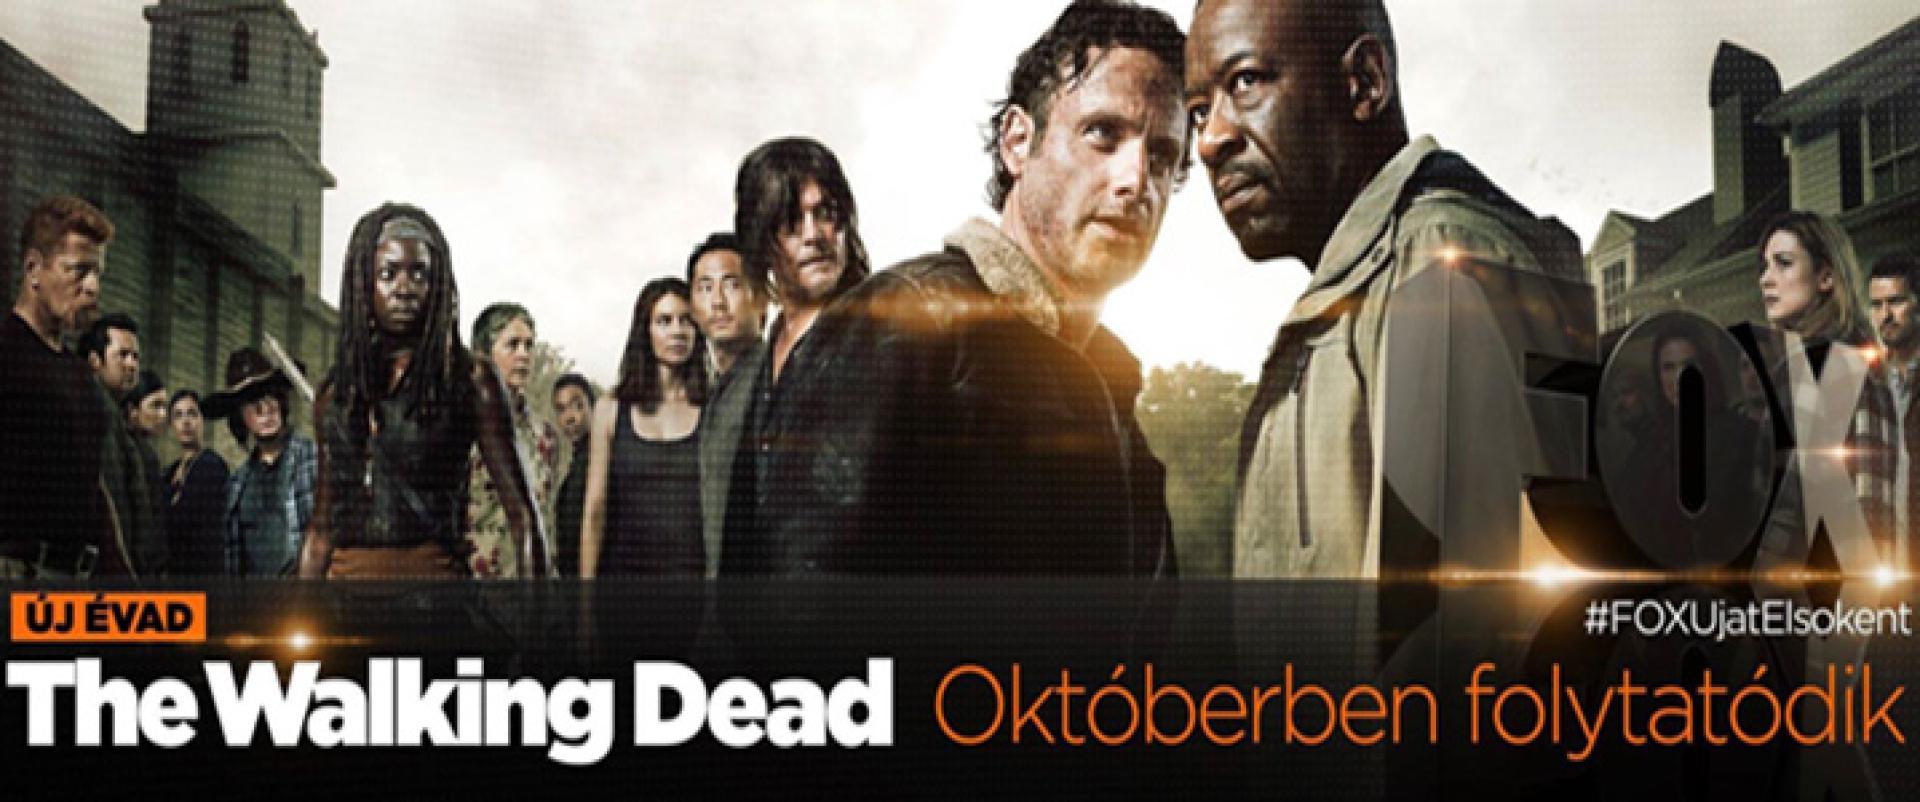 The Walking Dead 6x03-04